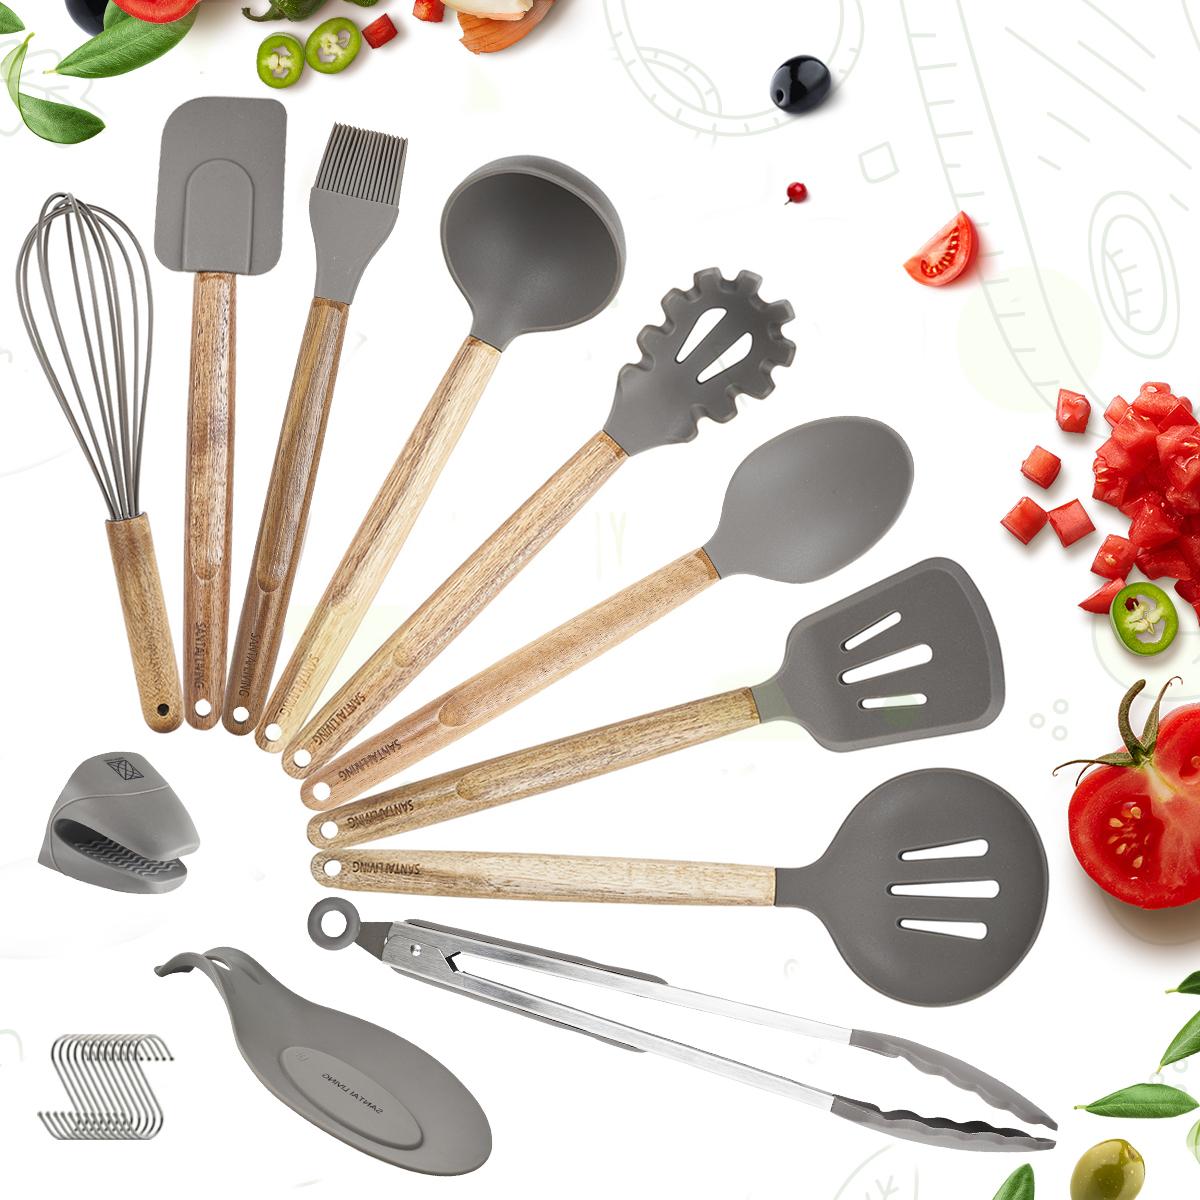 Набор кухонных принадлежностей из дерева и силикона / кухонная утварь (11 предметов)